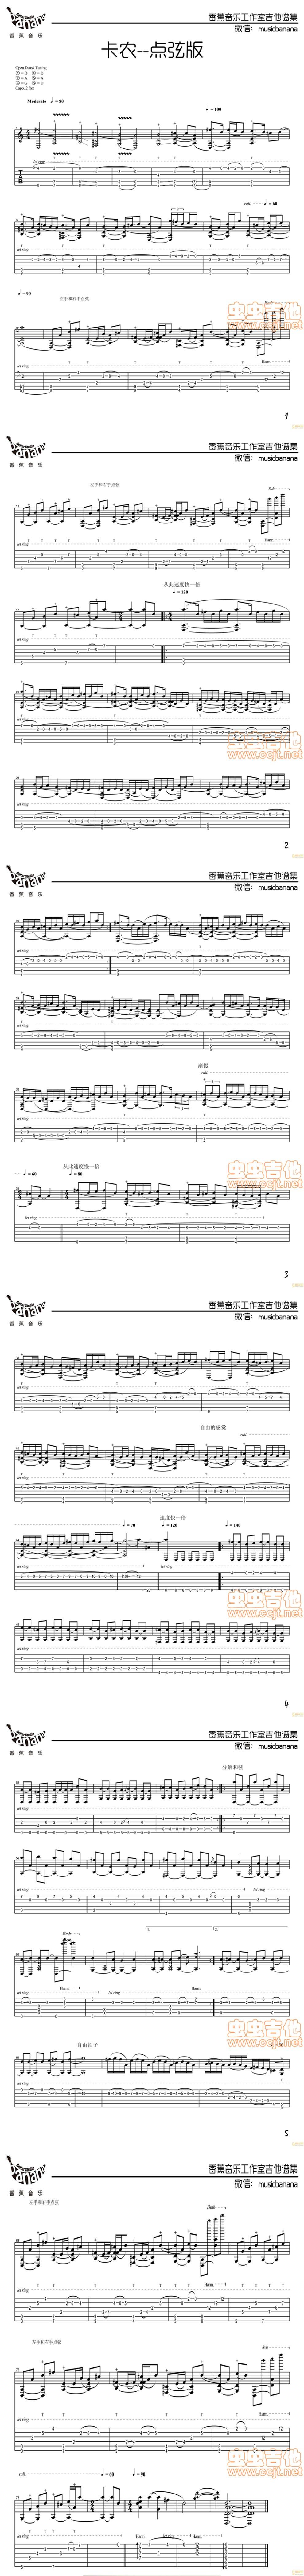 卡农-pachelbel-点弦版吉他图谱 吉他谱